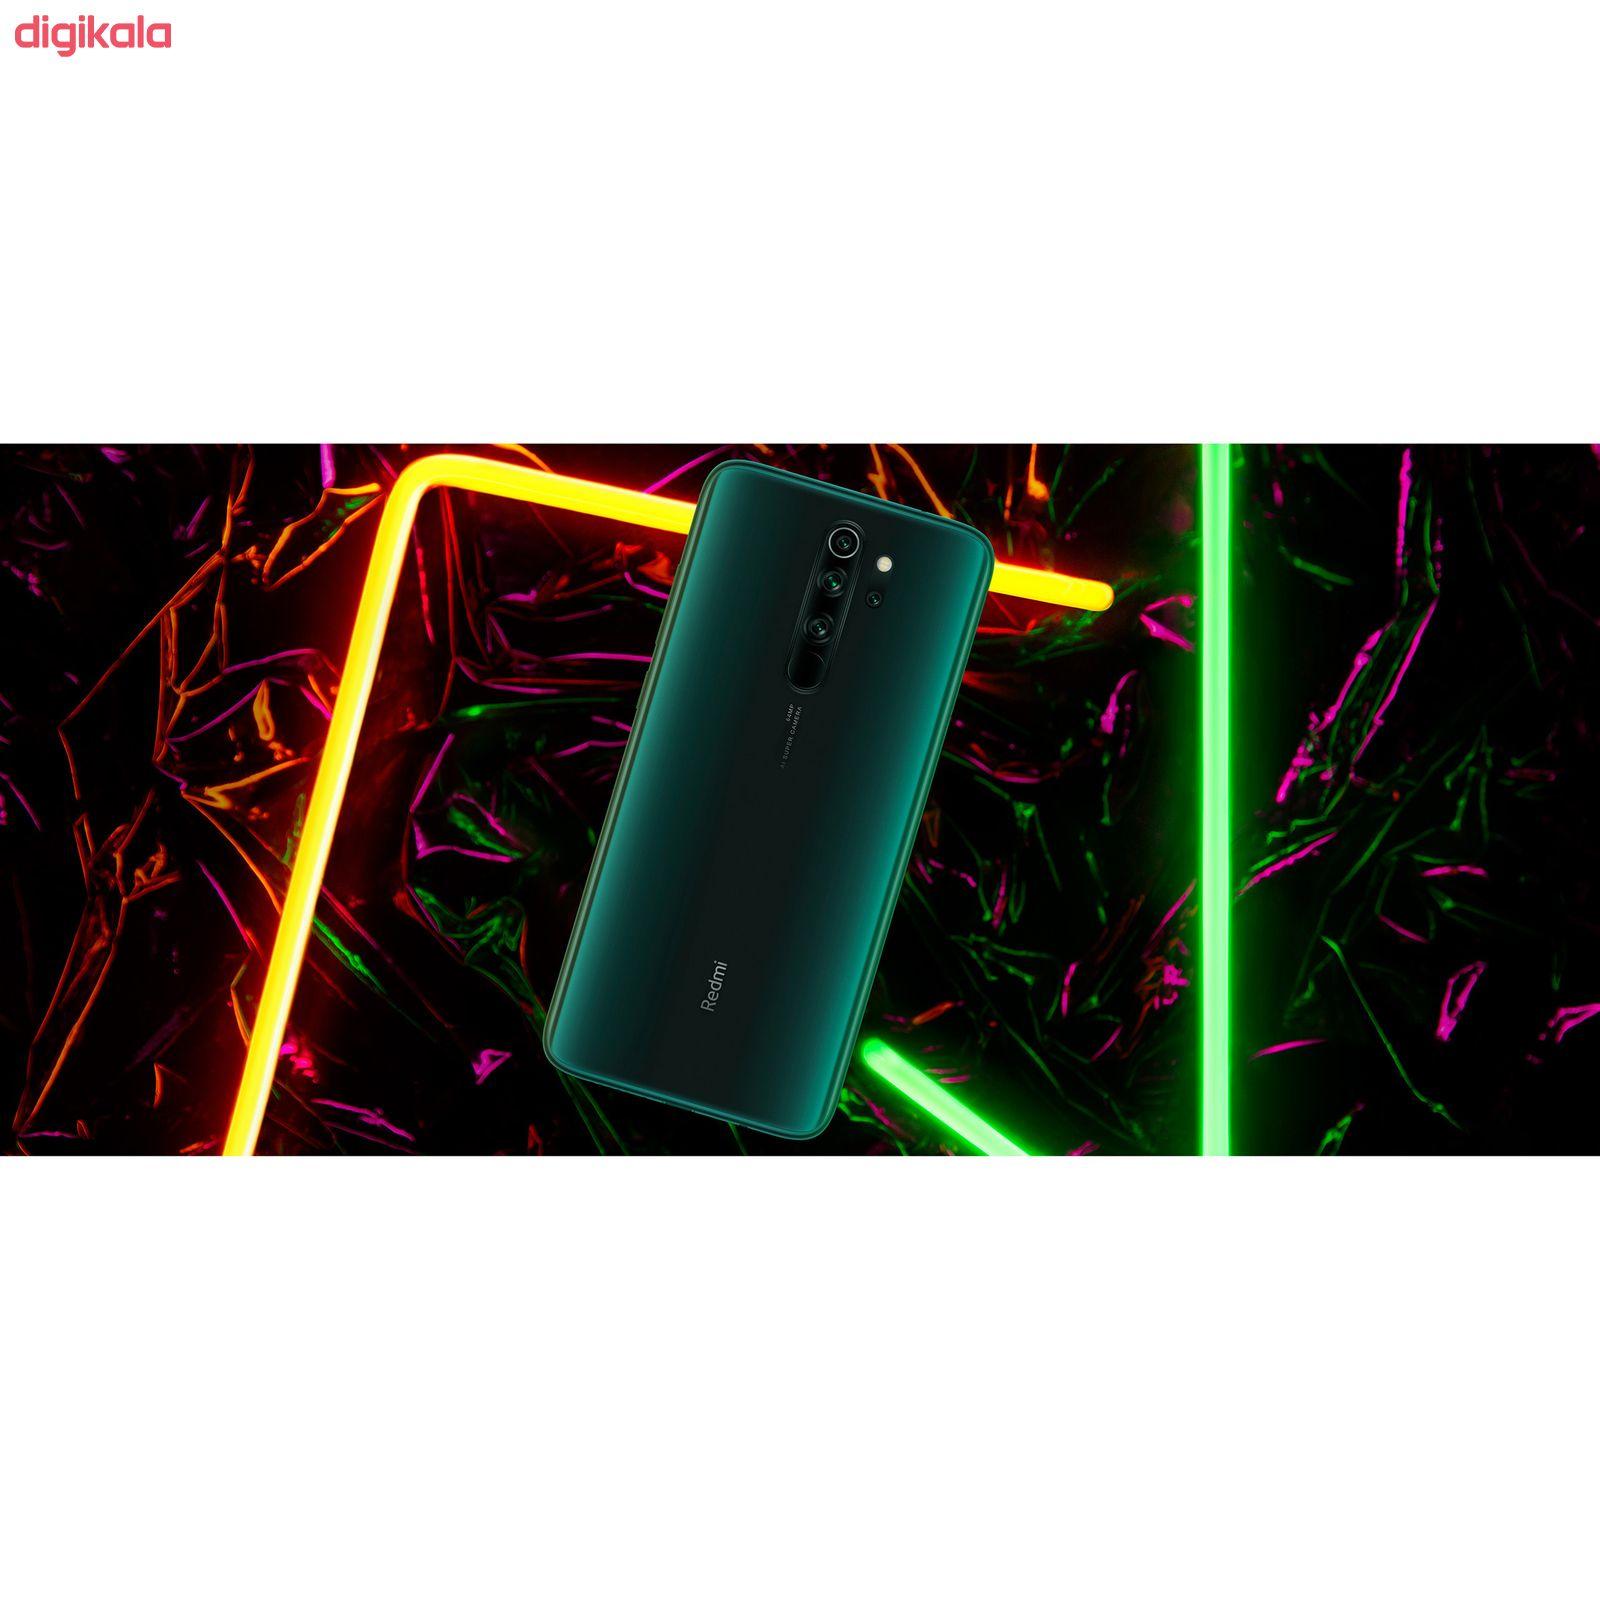 گوشی موبایل شیائومی مدل Redmi Note 8 Pro m1906g7G دو سیم کارت ظرفیت 128 گیگابایت main 1 36